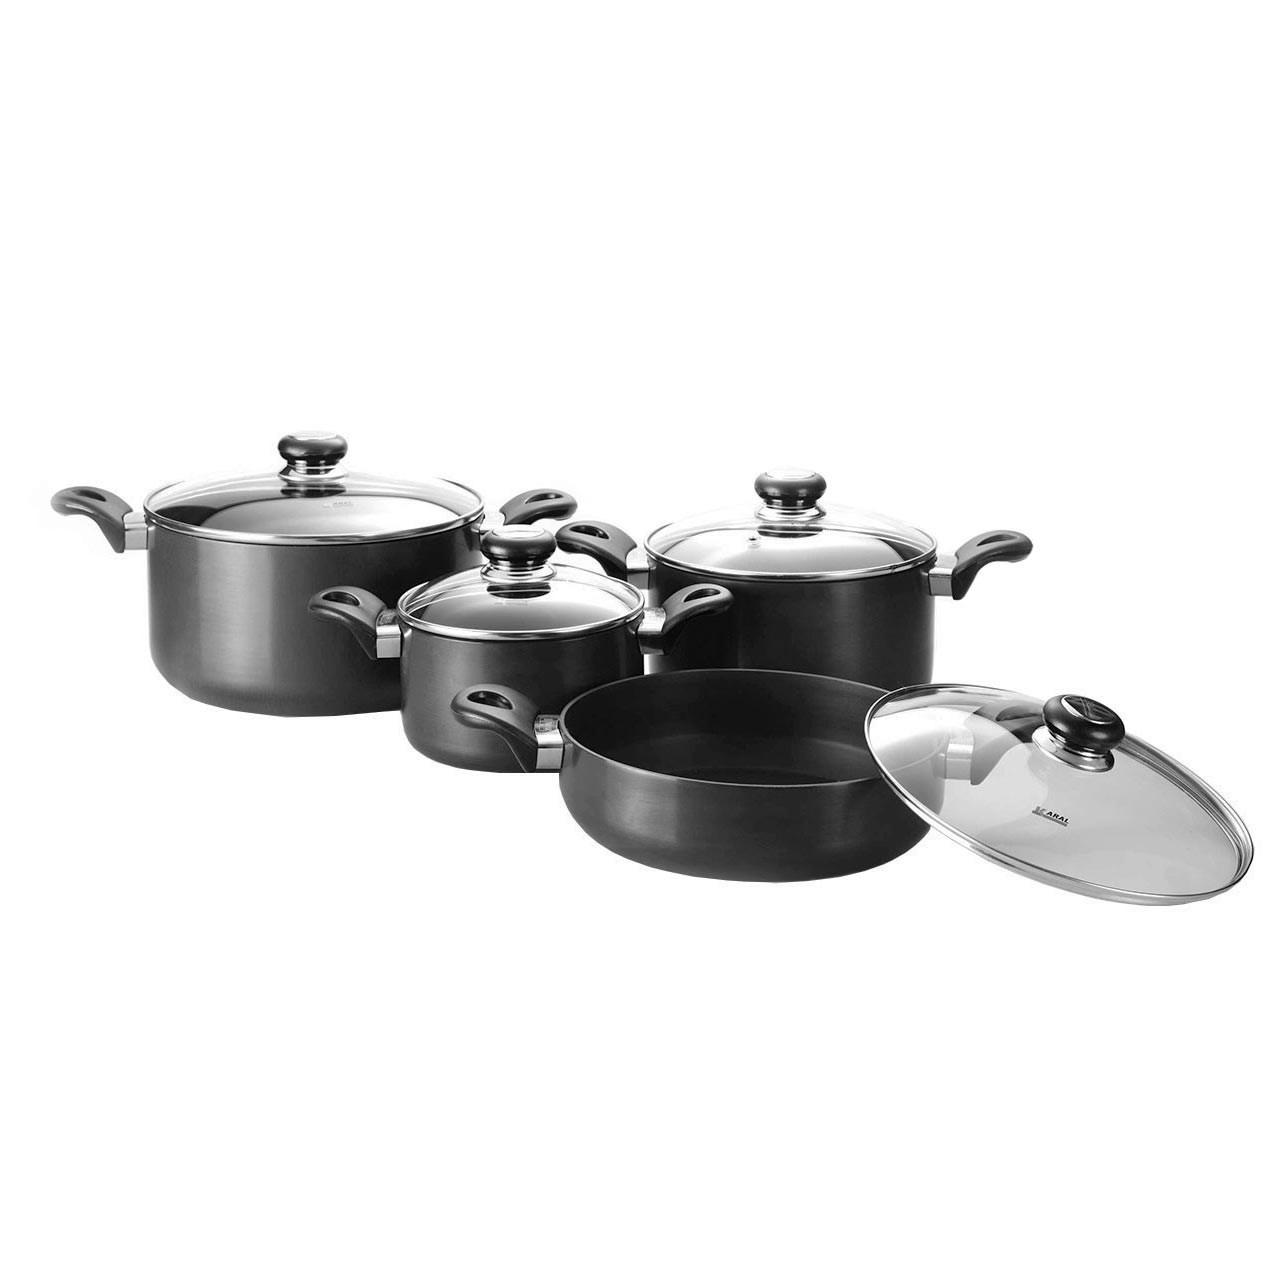 سرویس پخت و پز 8 پارچه هاردآنادایزد کارال مدل آترینا